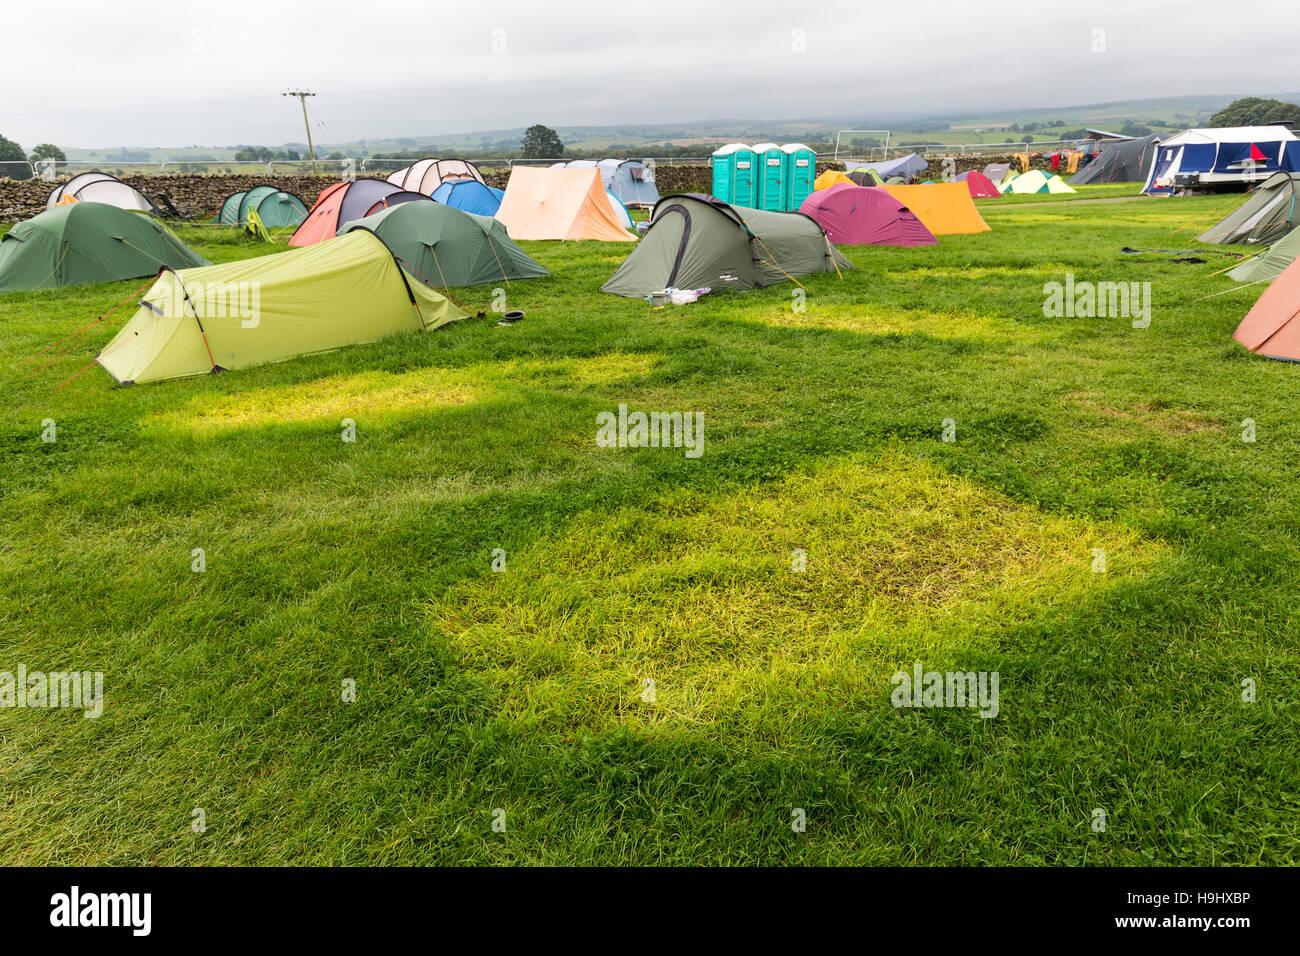 Grass betroffen Zelt Abdeckung auf Campingplatz, Yorkshire, Großbritannien Stockbild